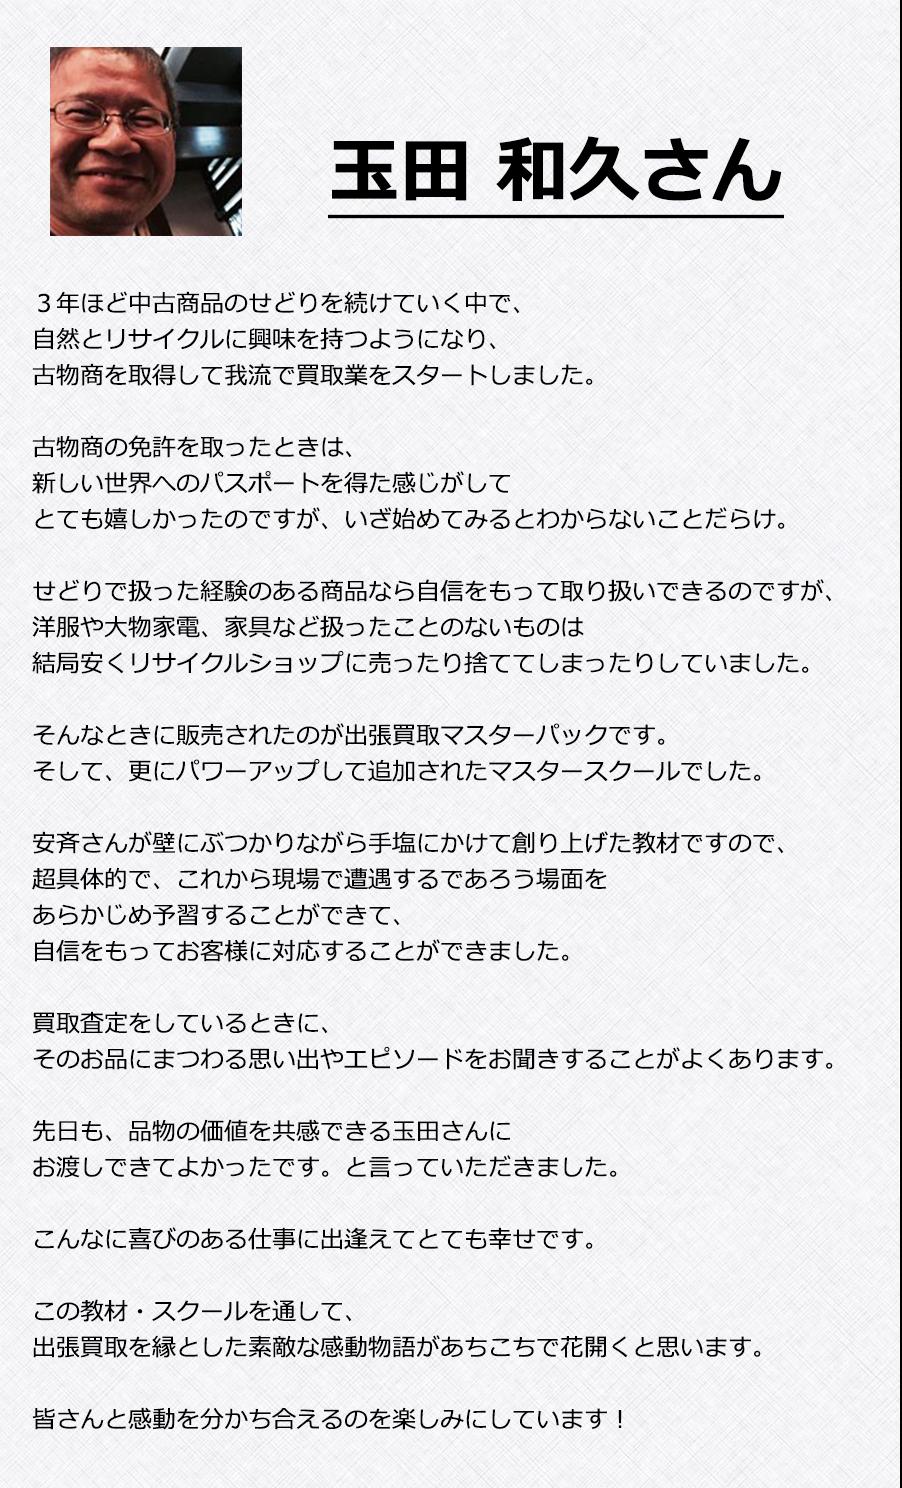 玉田さん紹介文